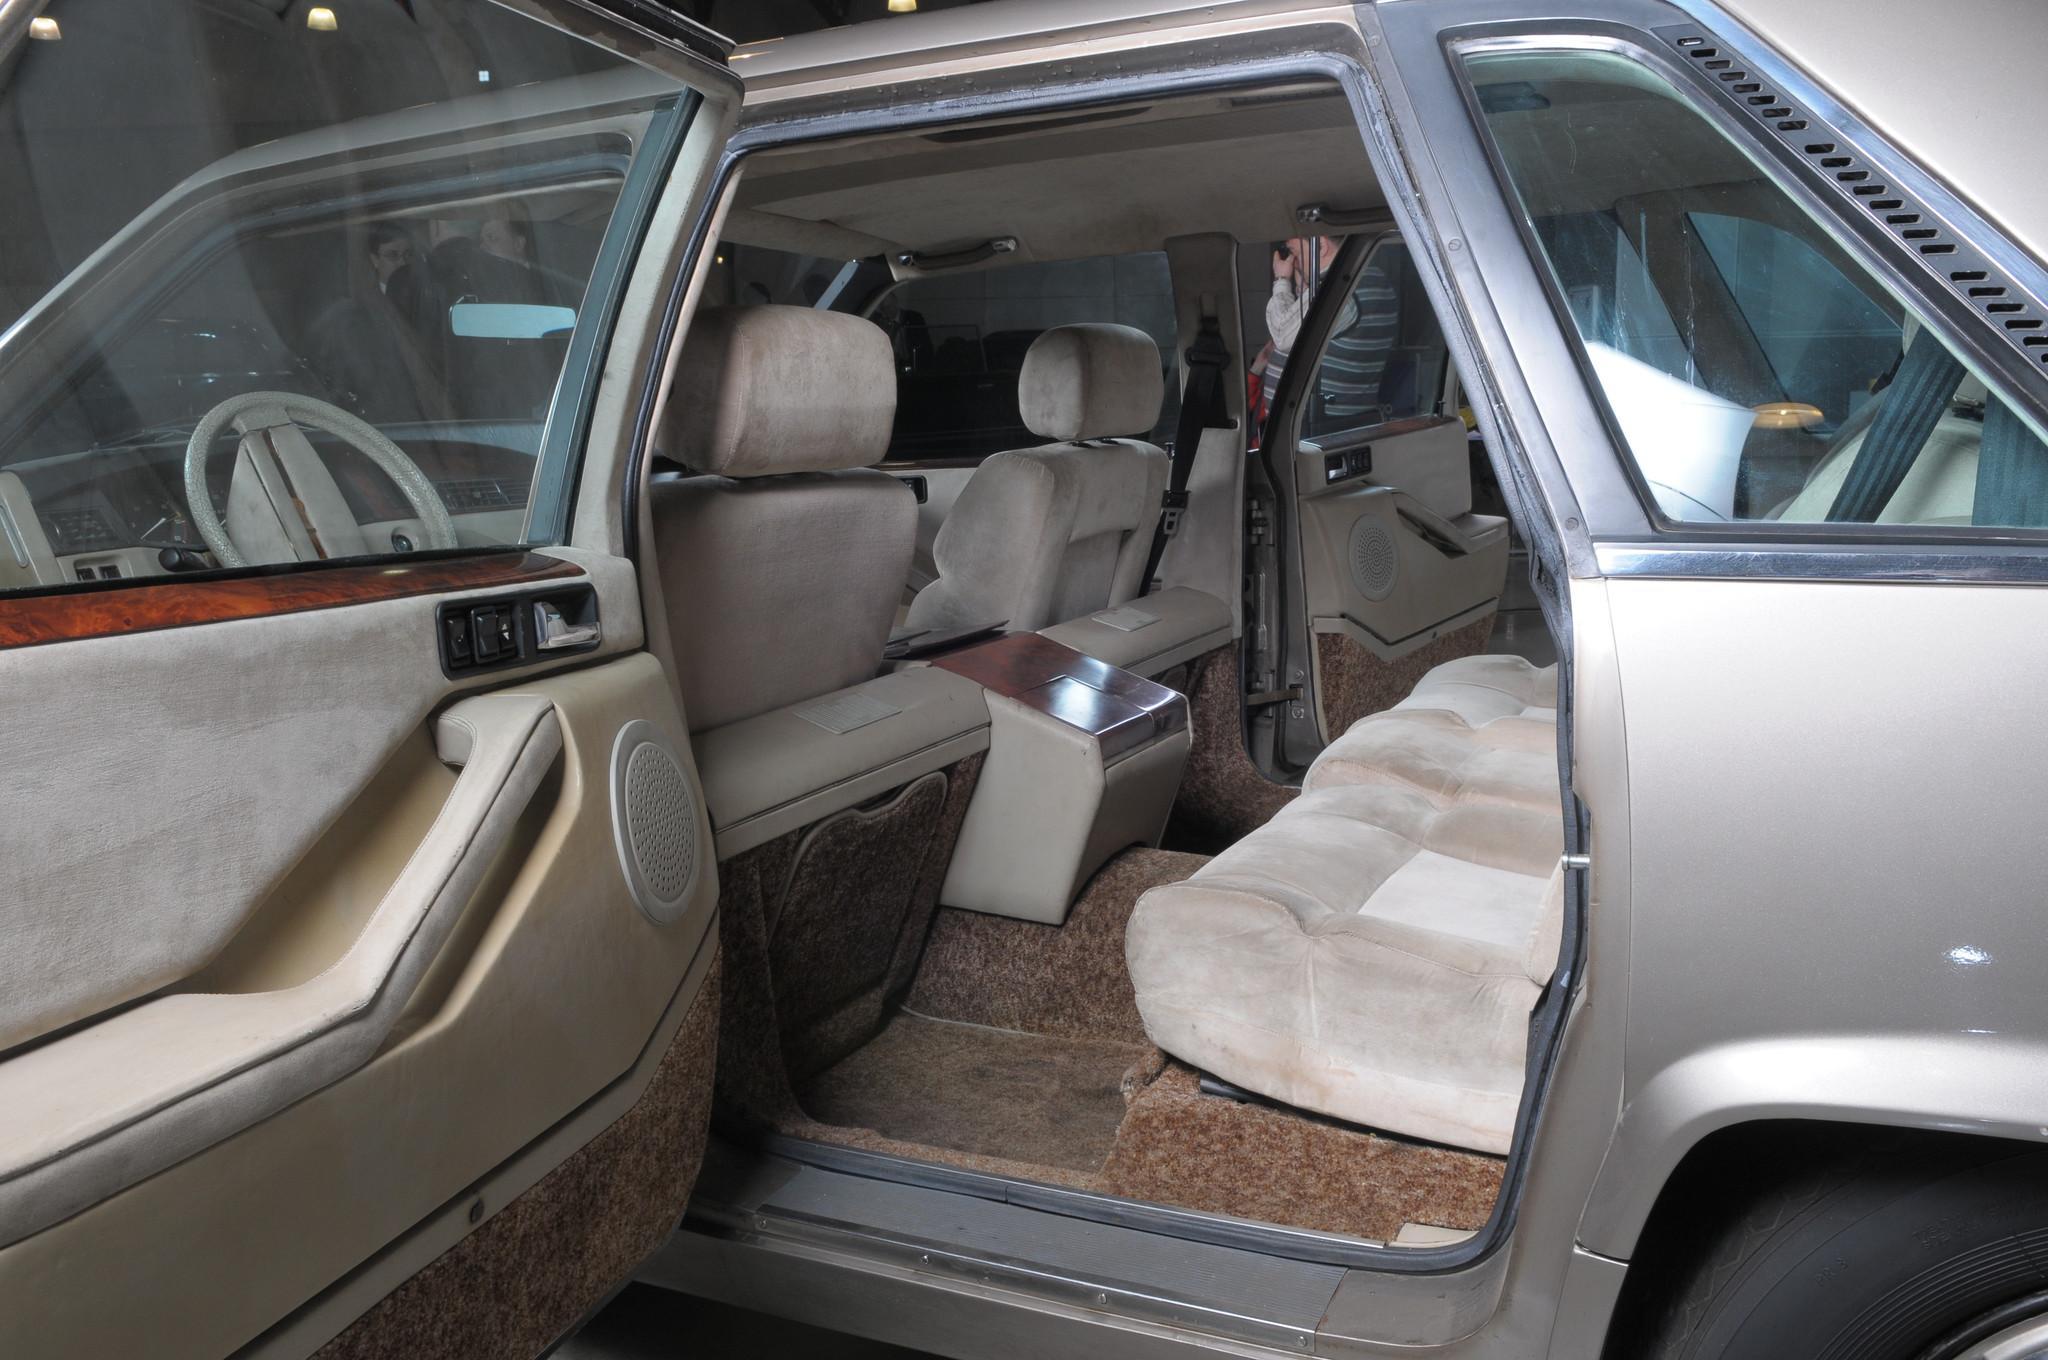 В салоне ЗИЛ-4102 отсутствовали откидные сидения (страпонтены) для охраны. Охранник может ехать толь